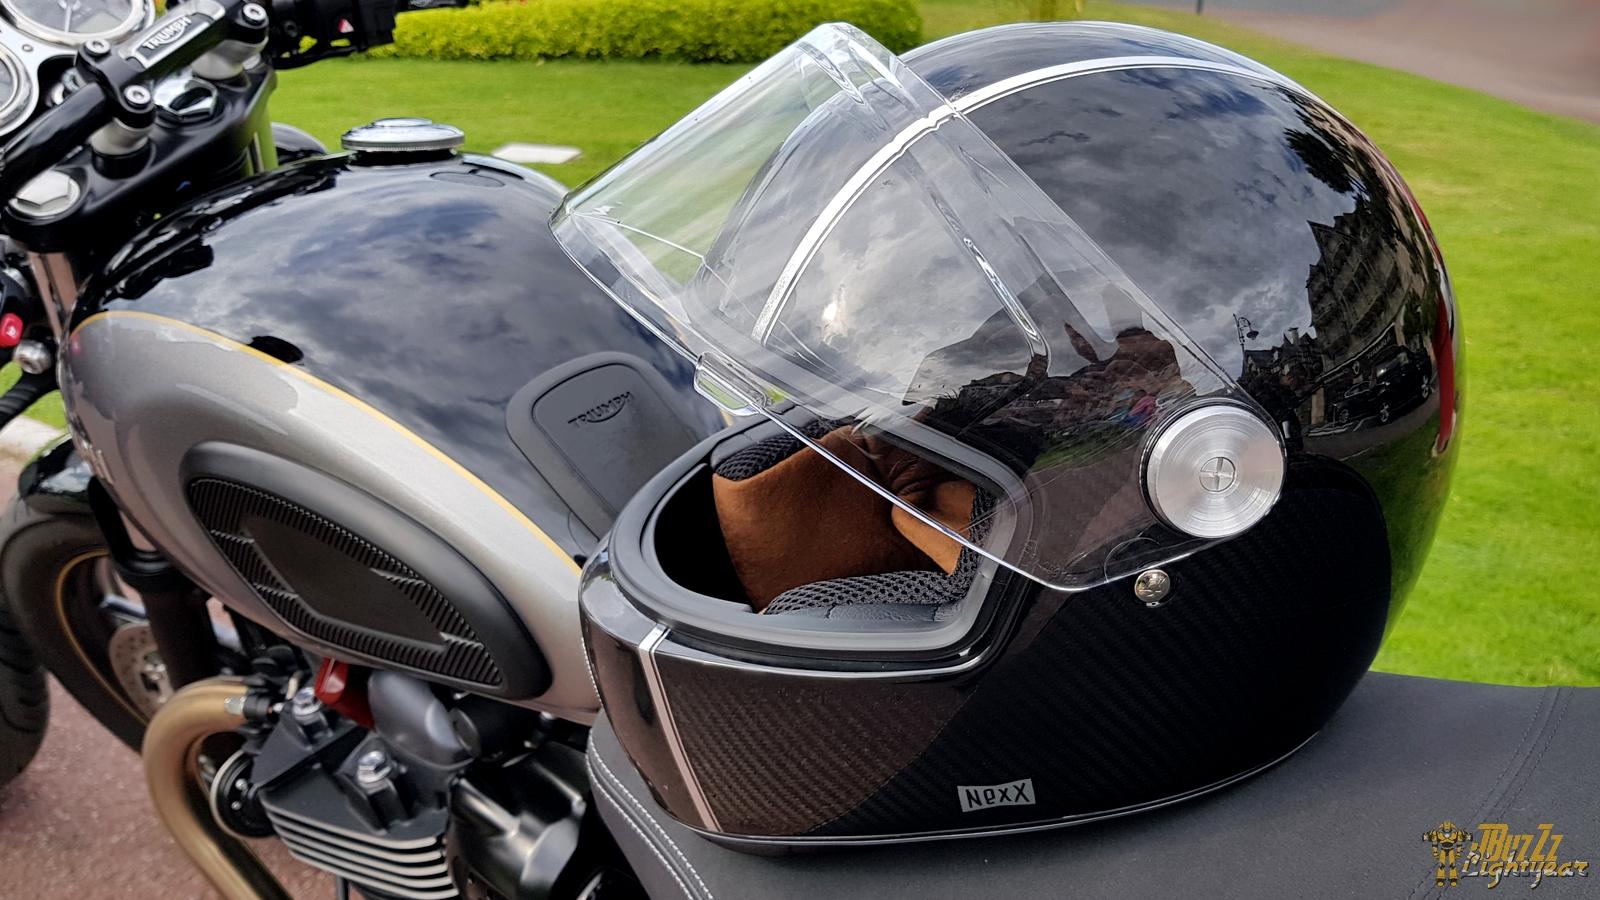 Casque NEXX X.G100 Racer, une machine à remonter le temps